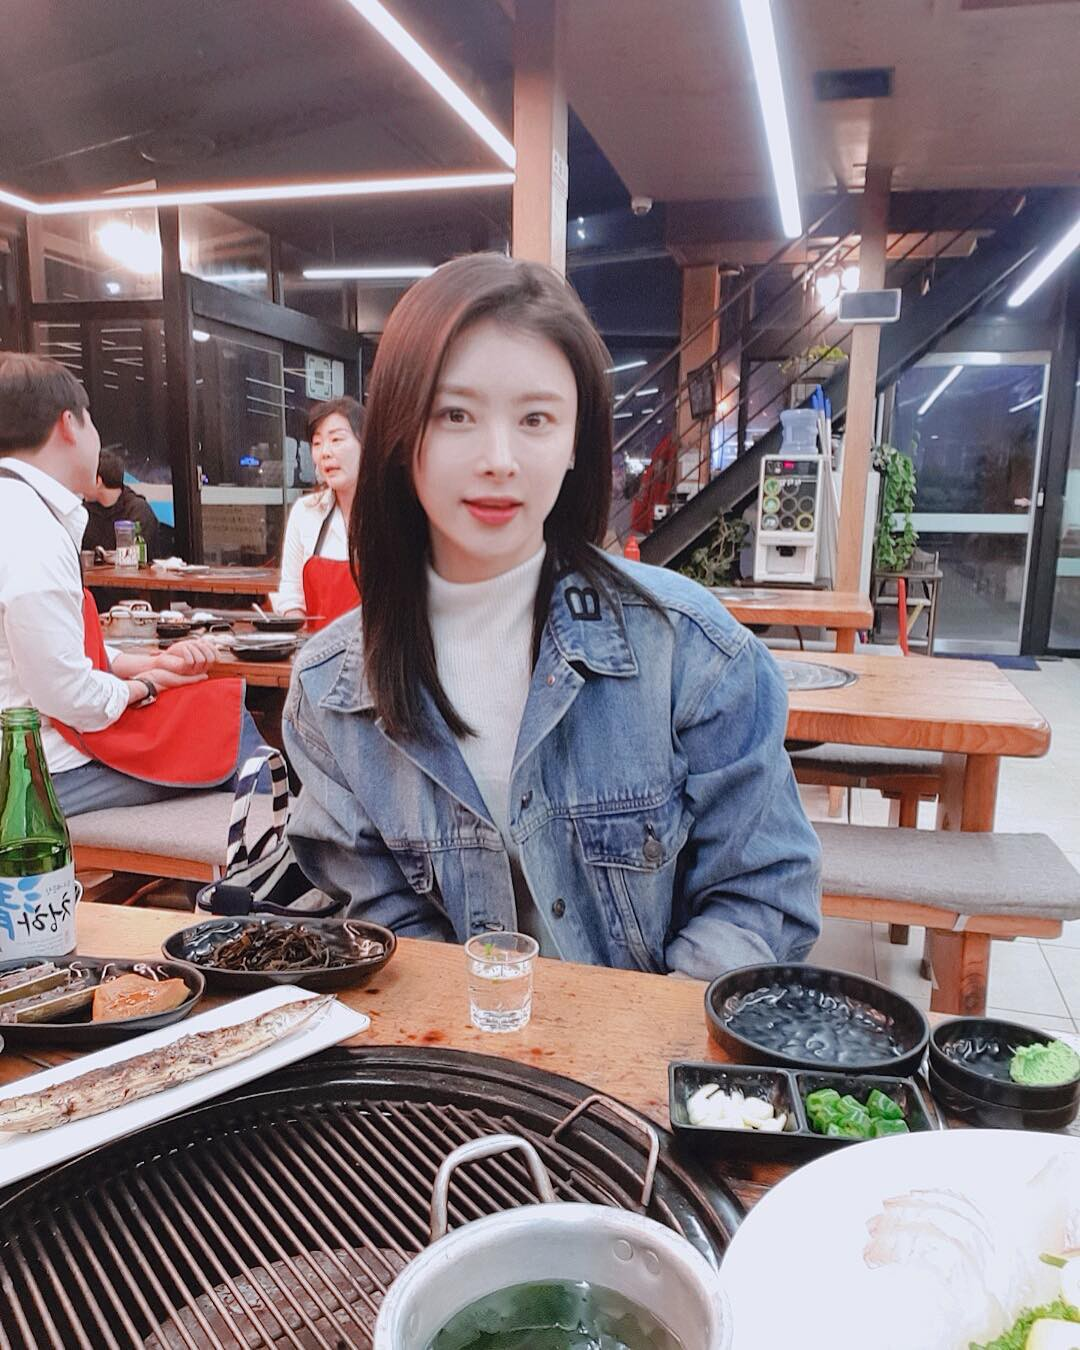 Tìm ra nữ diễn viên Hàn bị đâm tử vong trong tai nạn liên hoàn: Cựu idol đẹp mỹ miều, qua đời chỉ sau 2 tháng cưới - Ảnh 1.